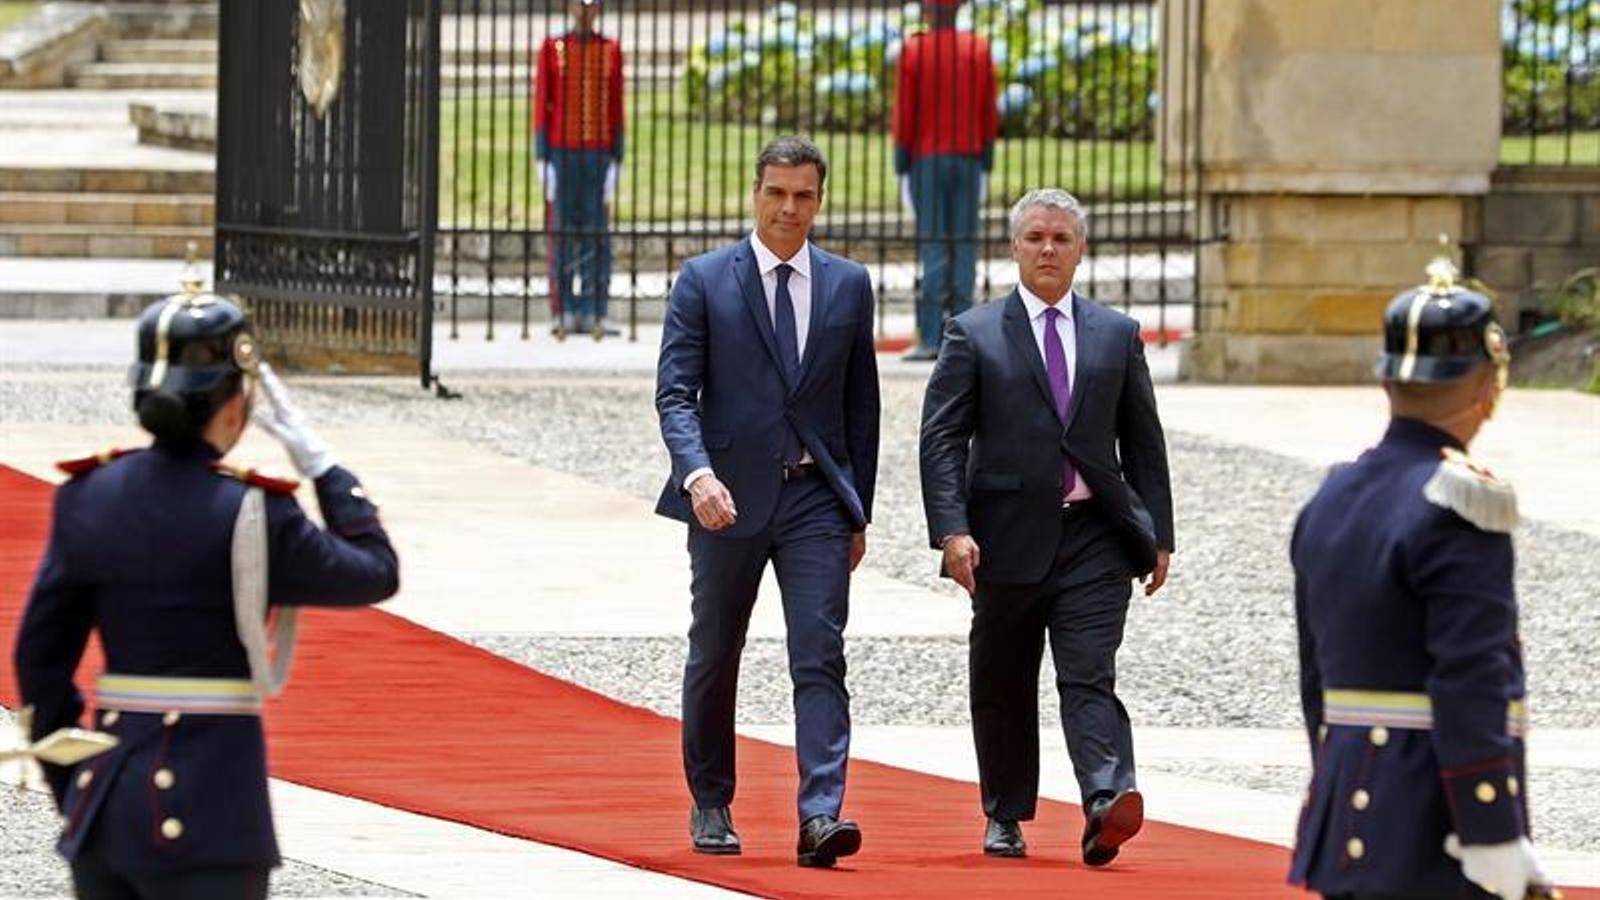 El president del govern espanyol, Pedro Sánchez, de visita oficial a Colòmbia acompanyat del nou president del país, Iván Duque, a Bogotà.